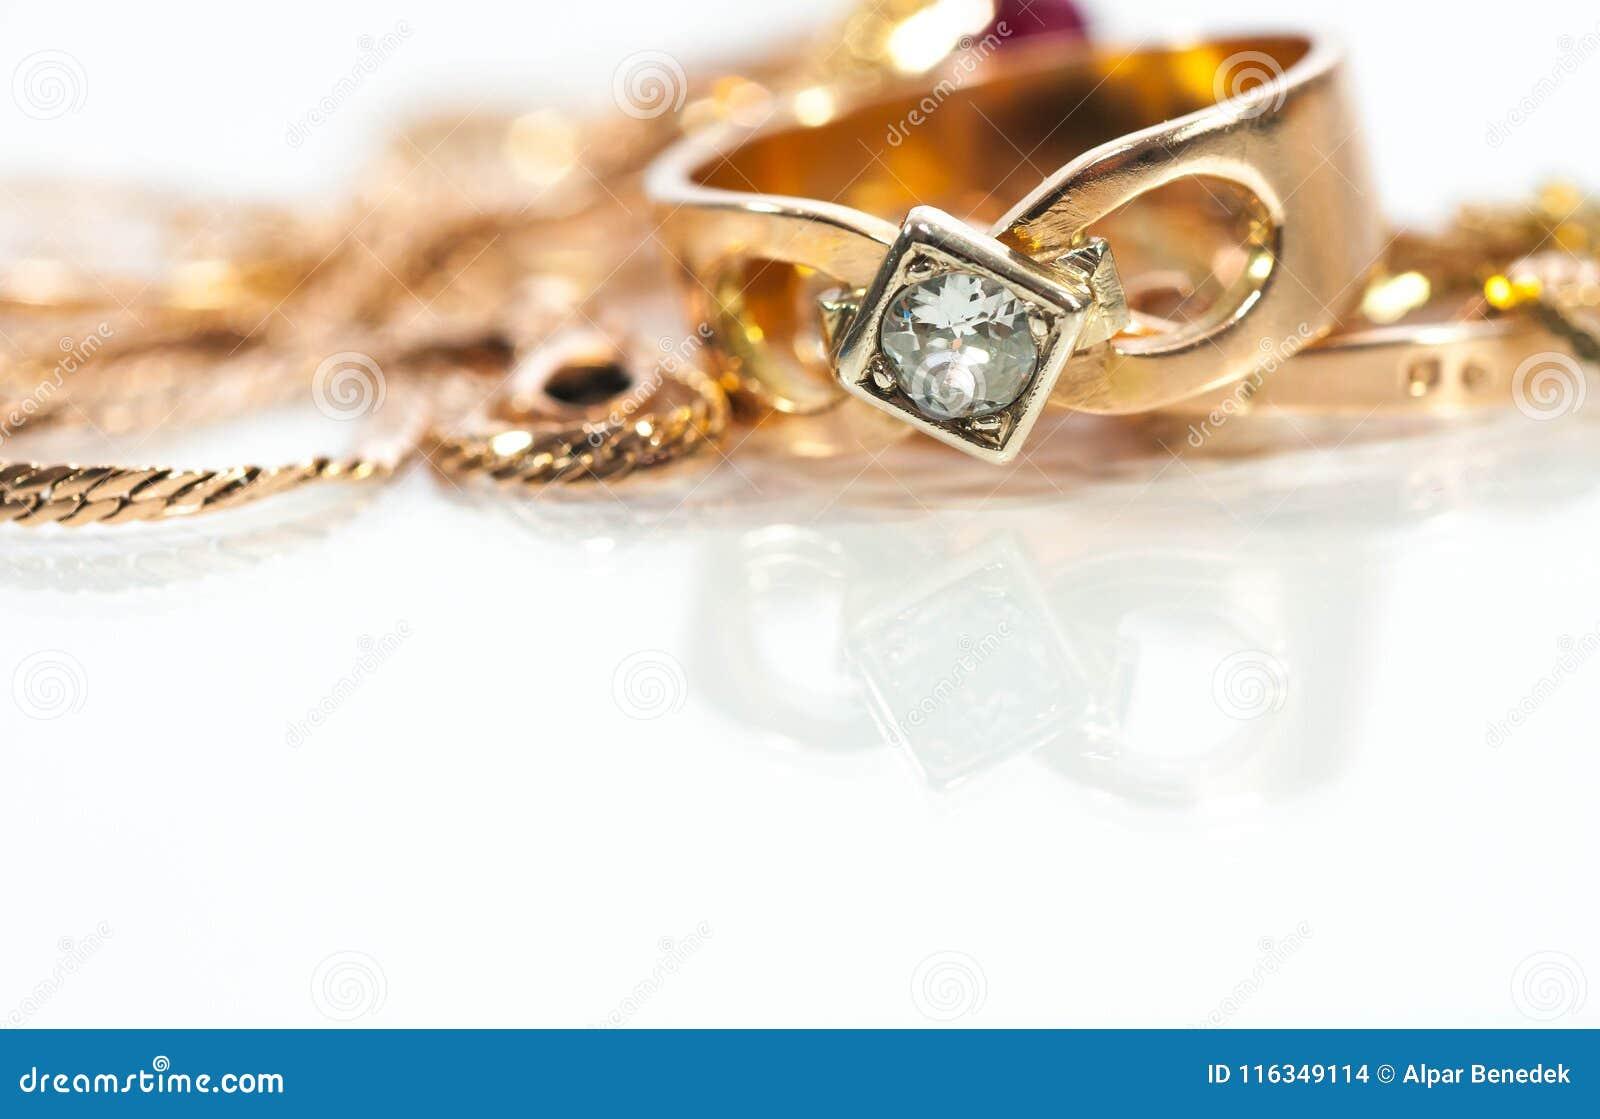 Echte gouden ringen, kettingen, diamanten